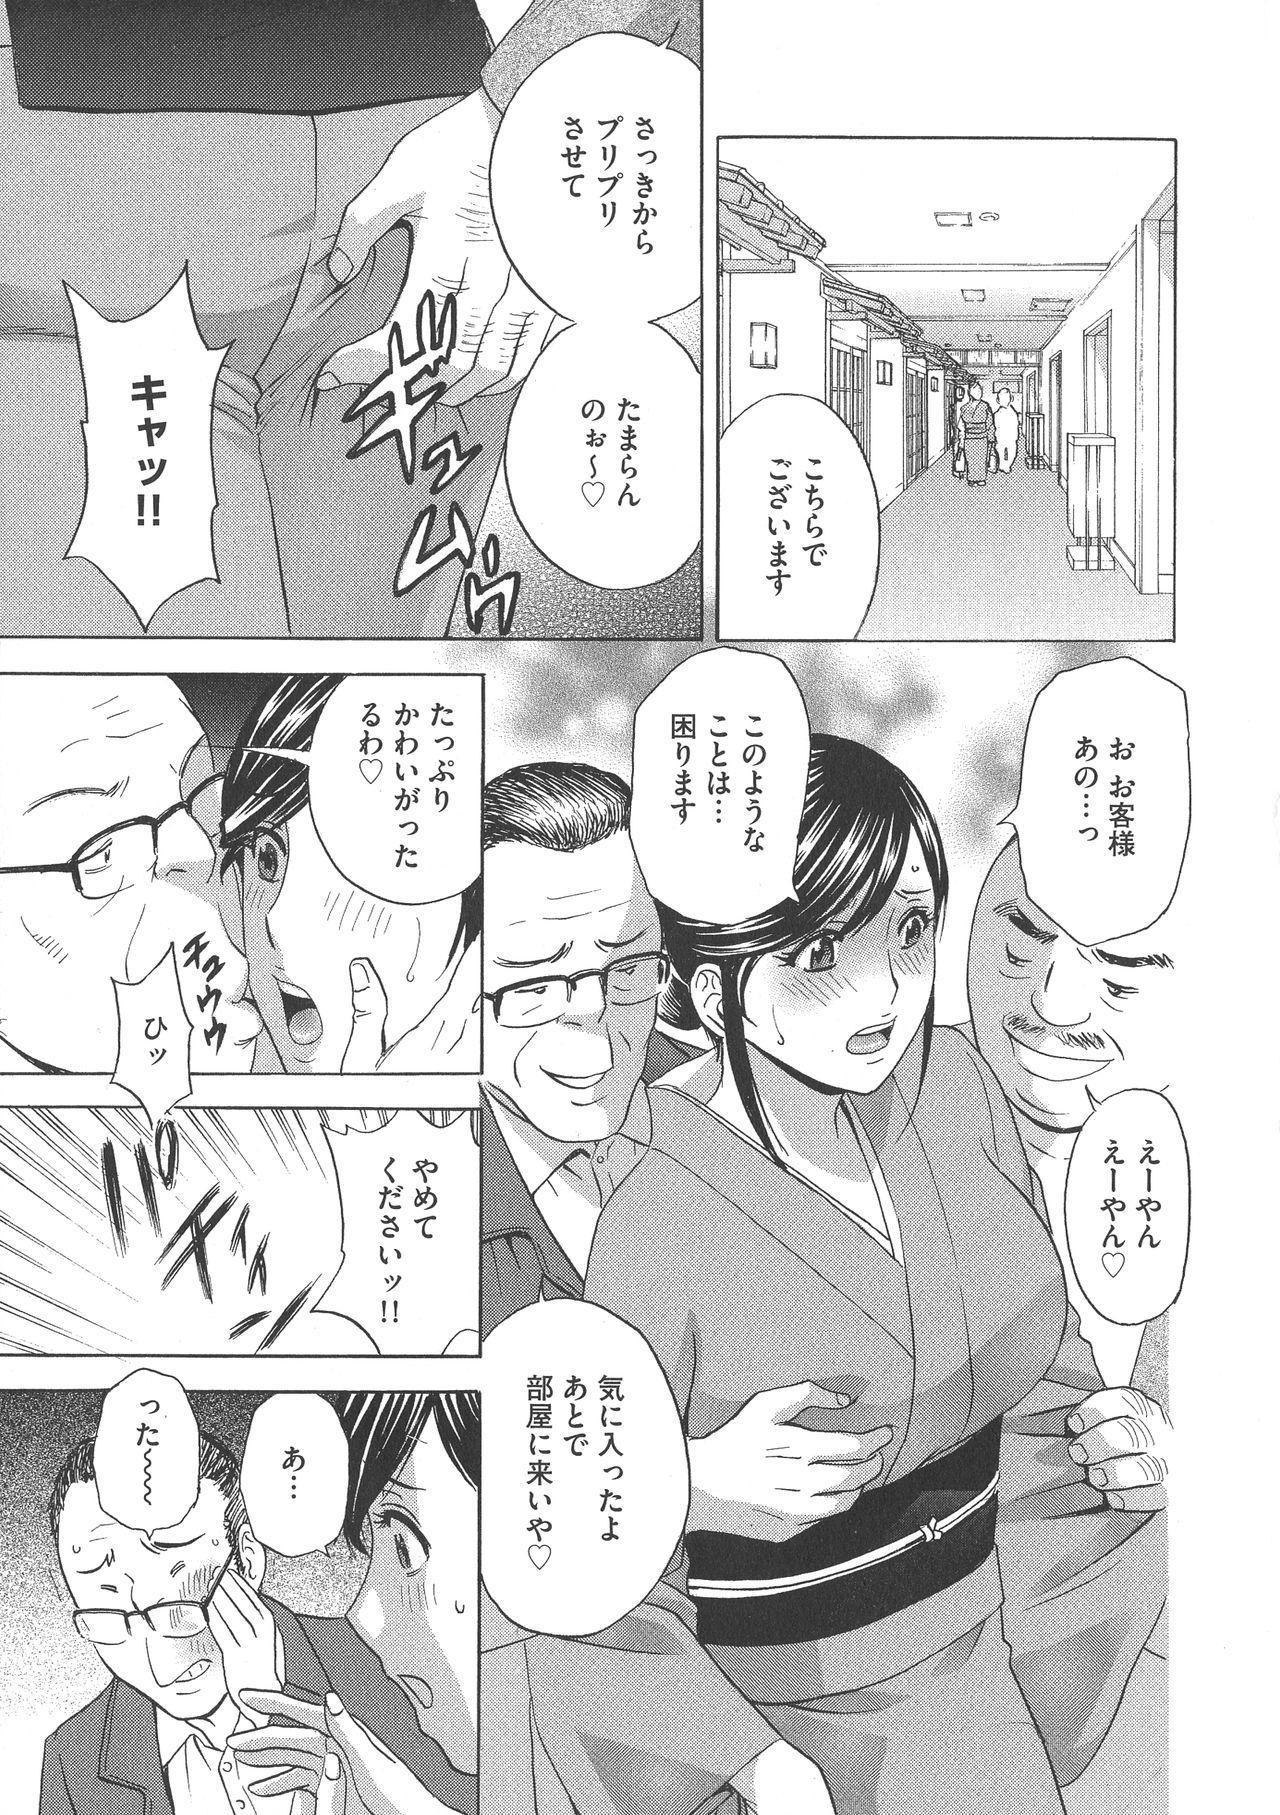 Chijoku ni Modaeru Haha no Chichi… 6